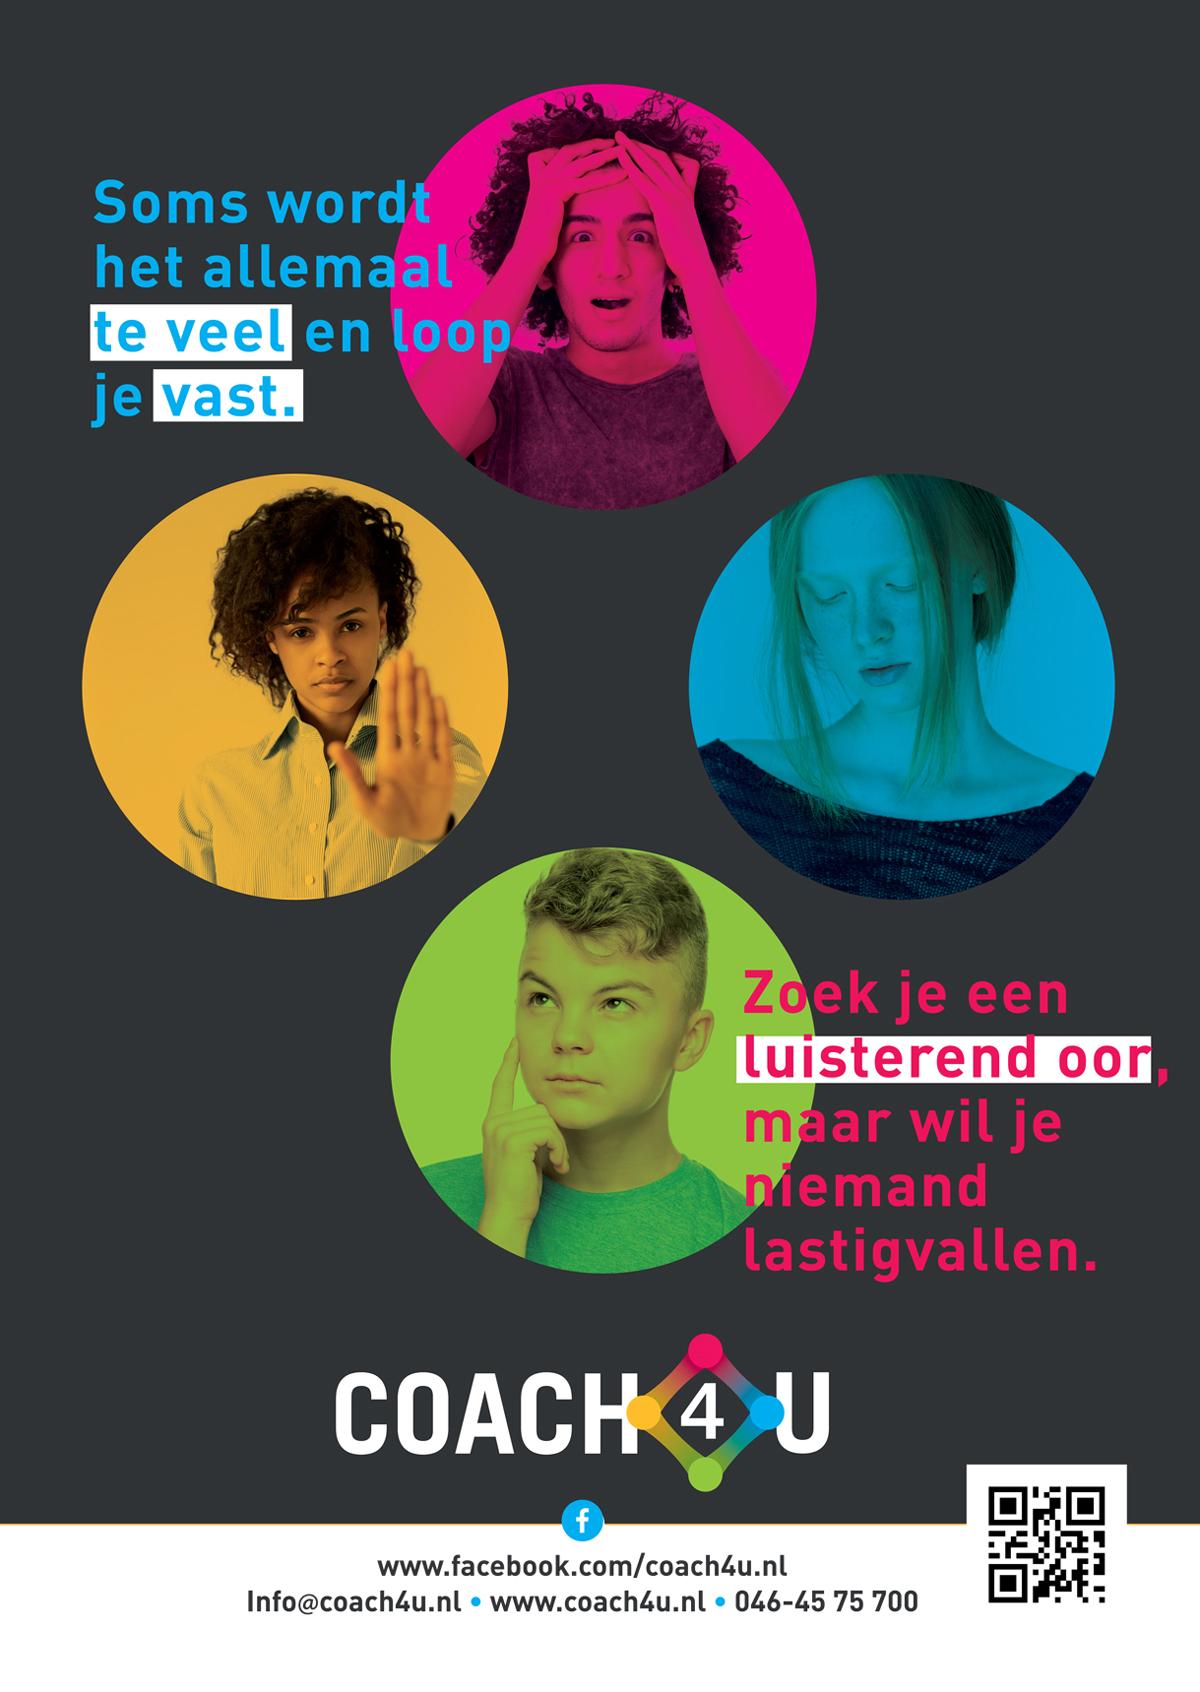 Coach4U